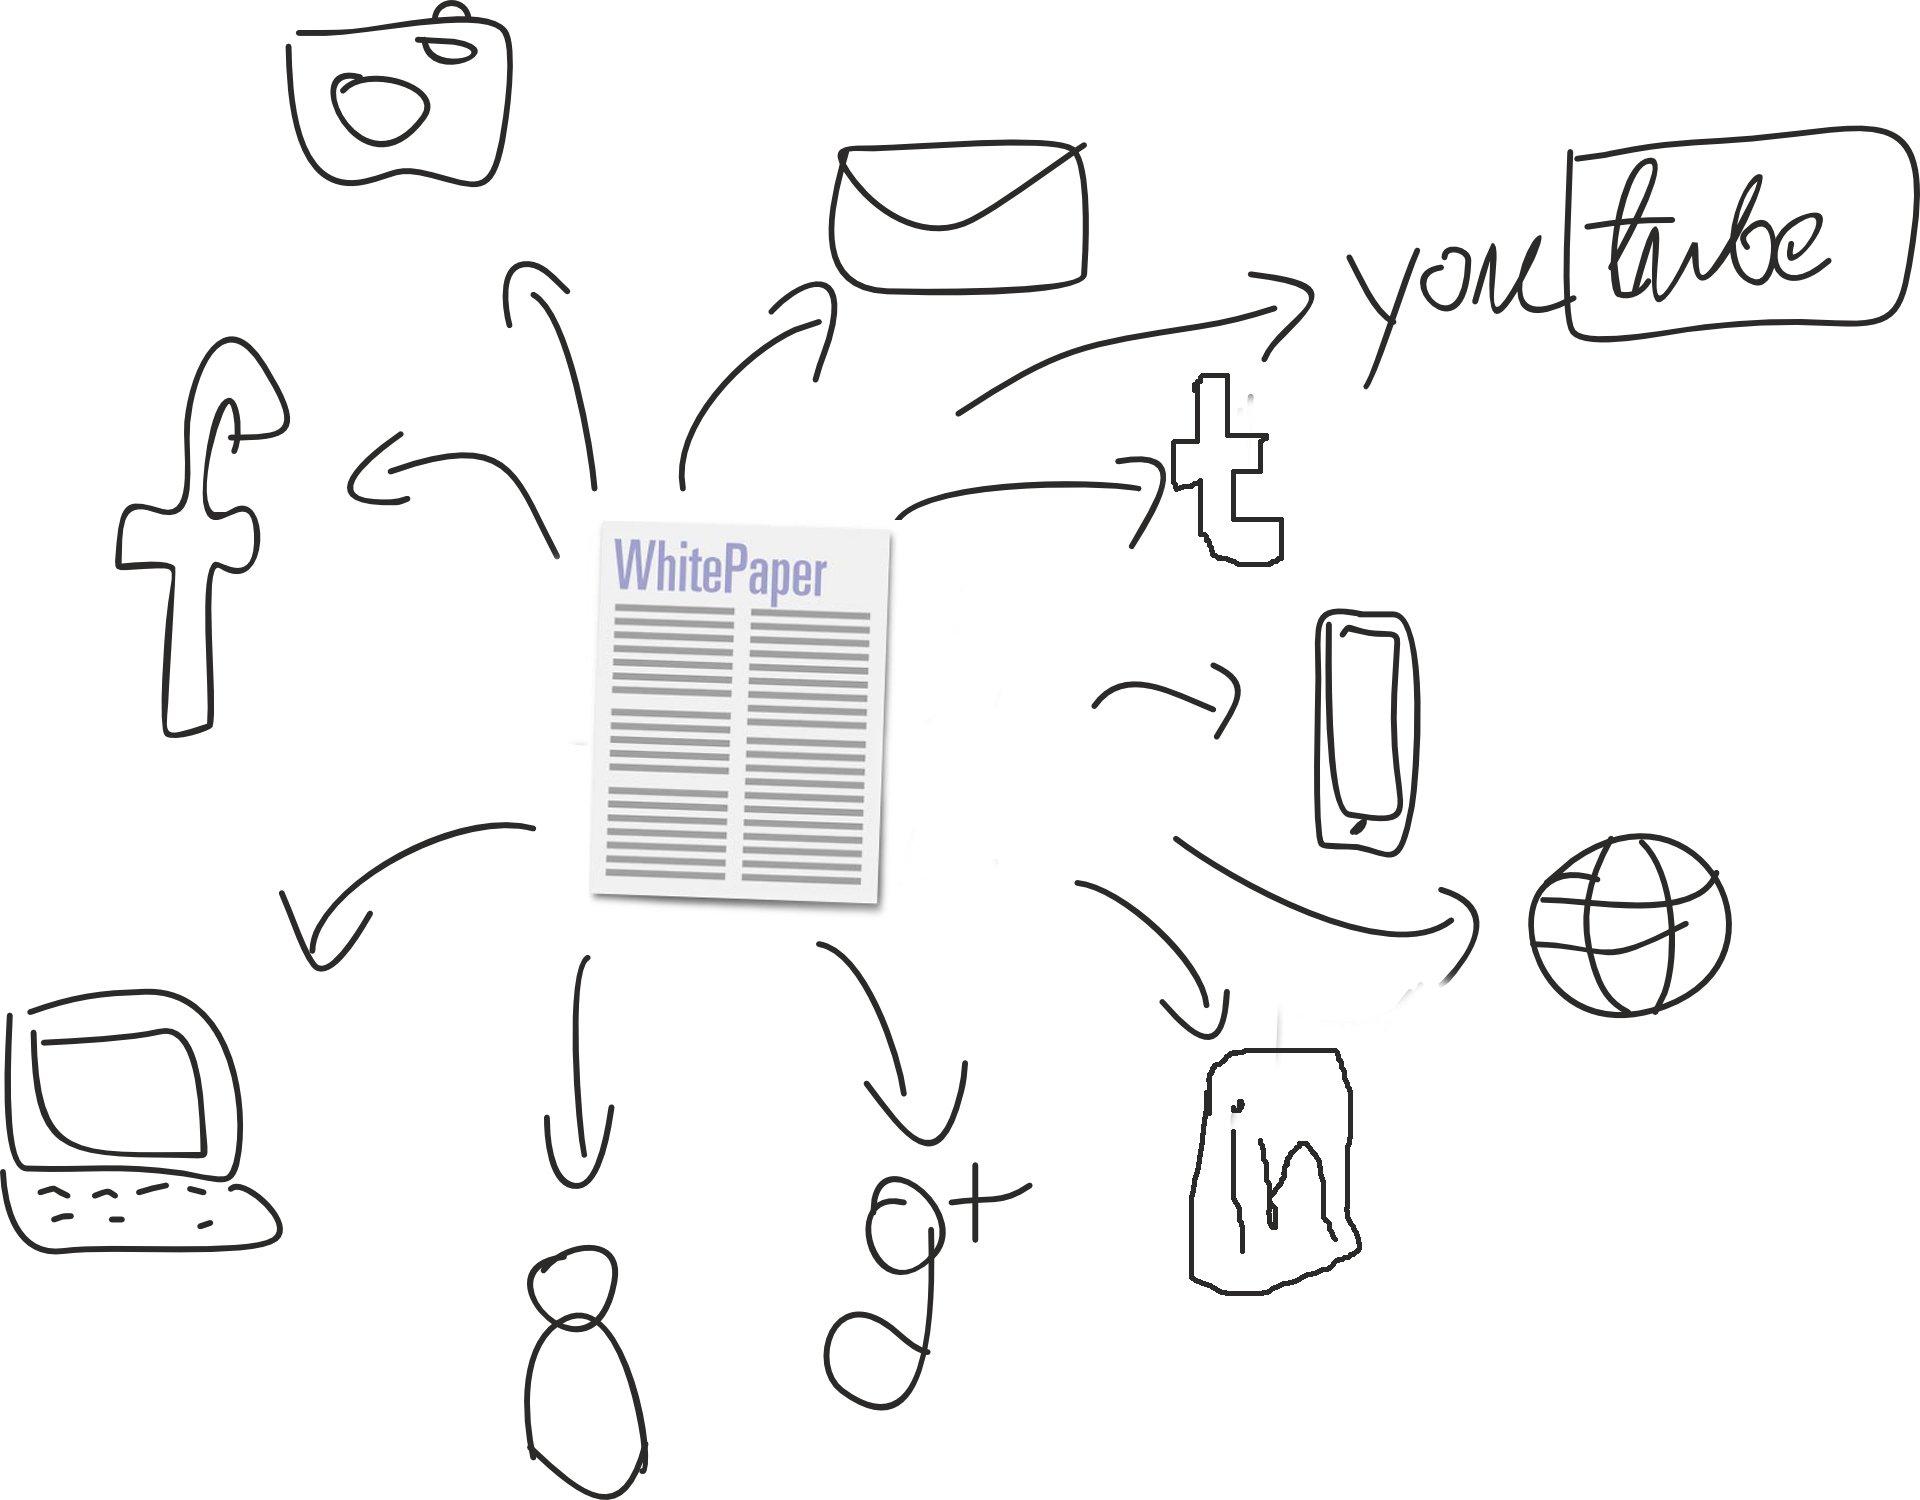 whitepaper social media